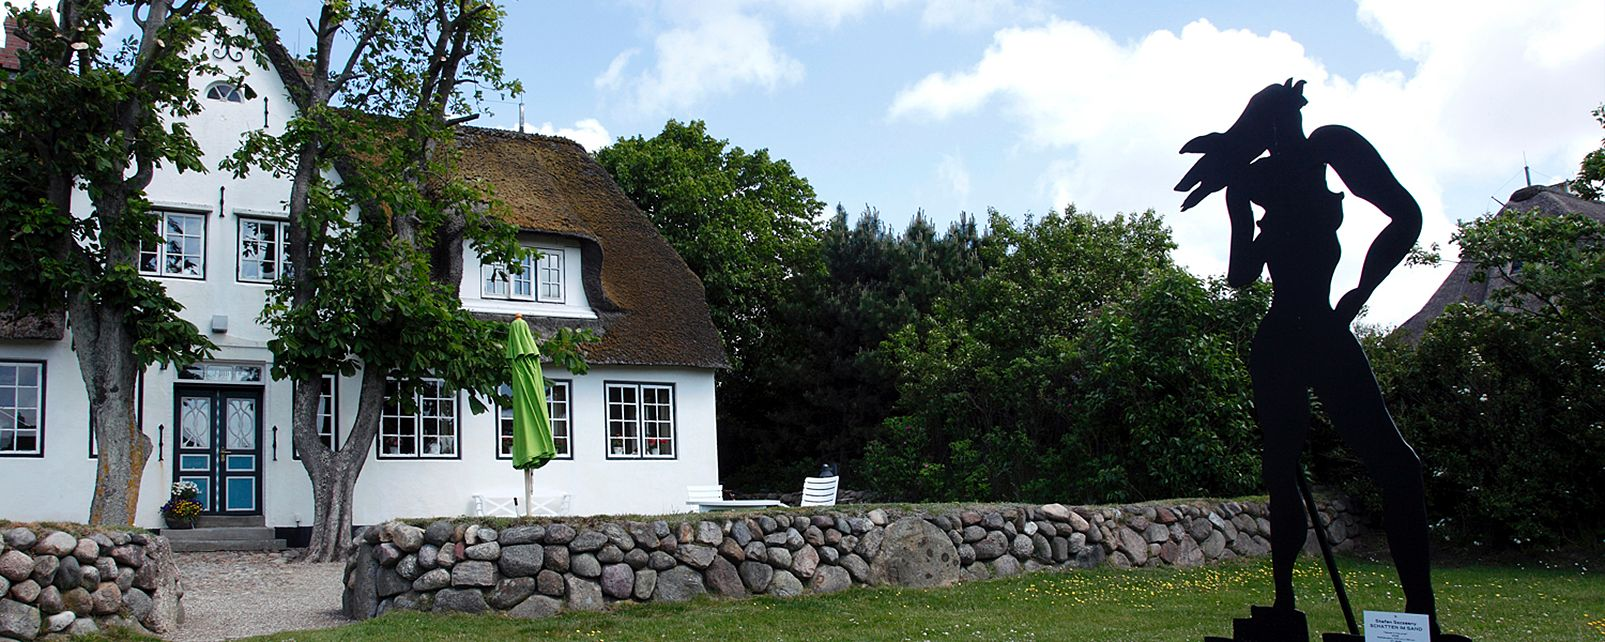 Hotel Benen-Diken-Hof